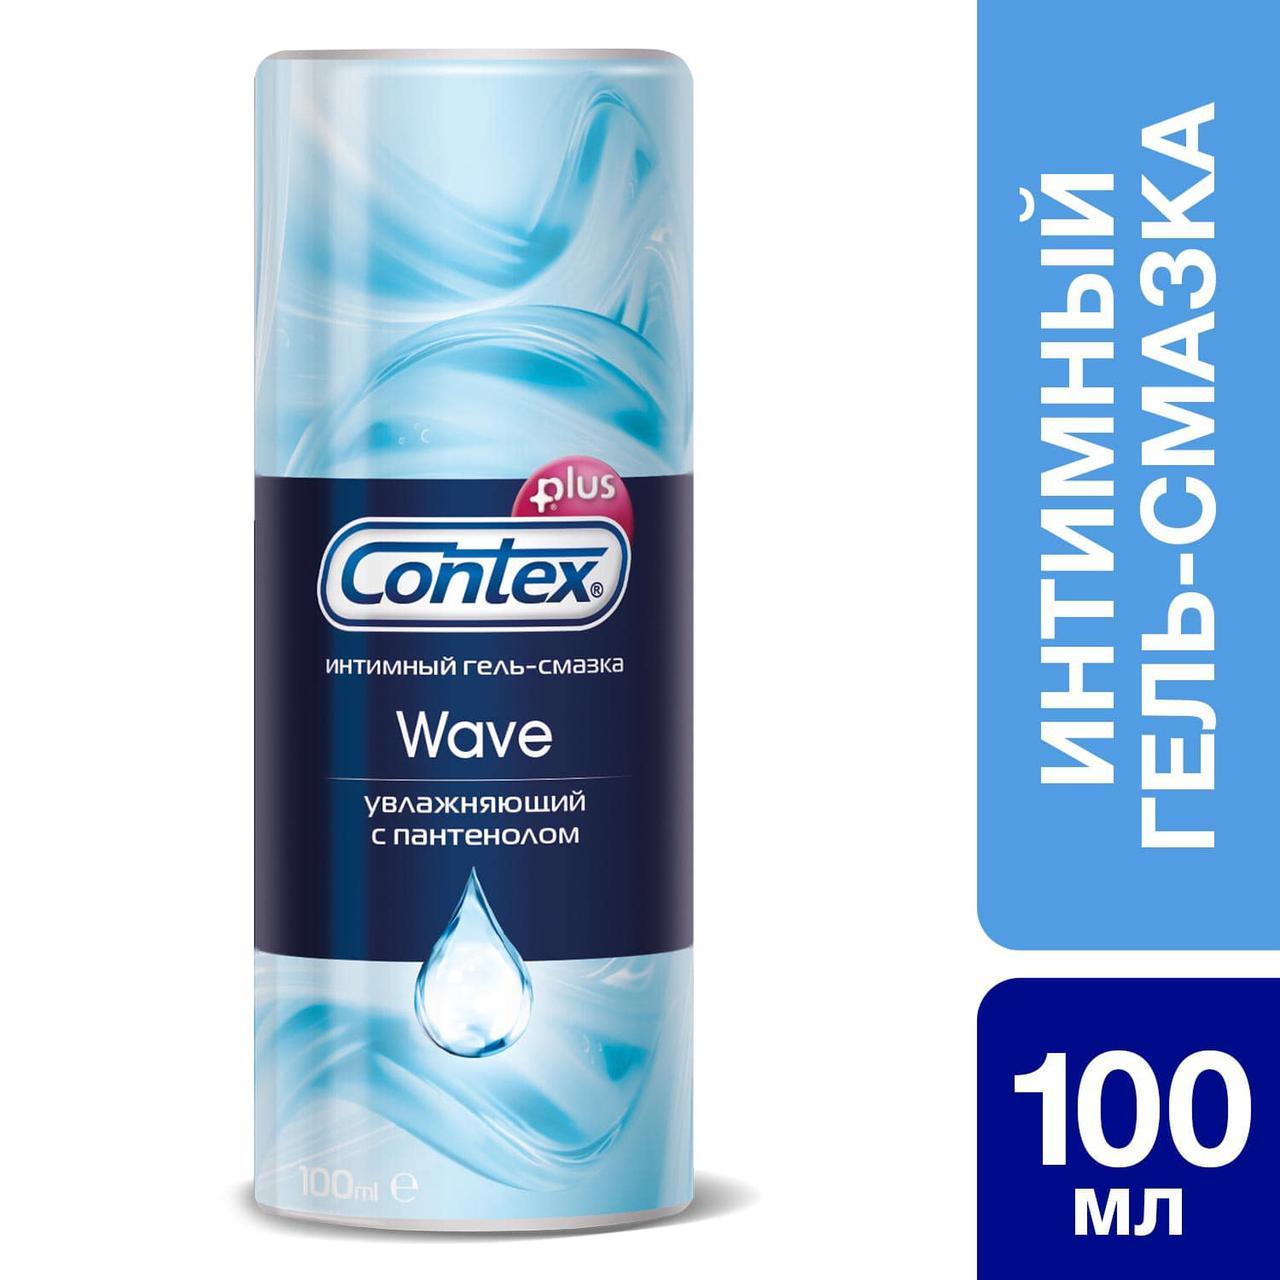 Интимный гель-смазка Contex® Wave увлажняющий с пантенолом 100 мл